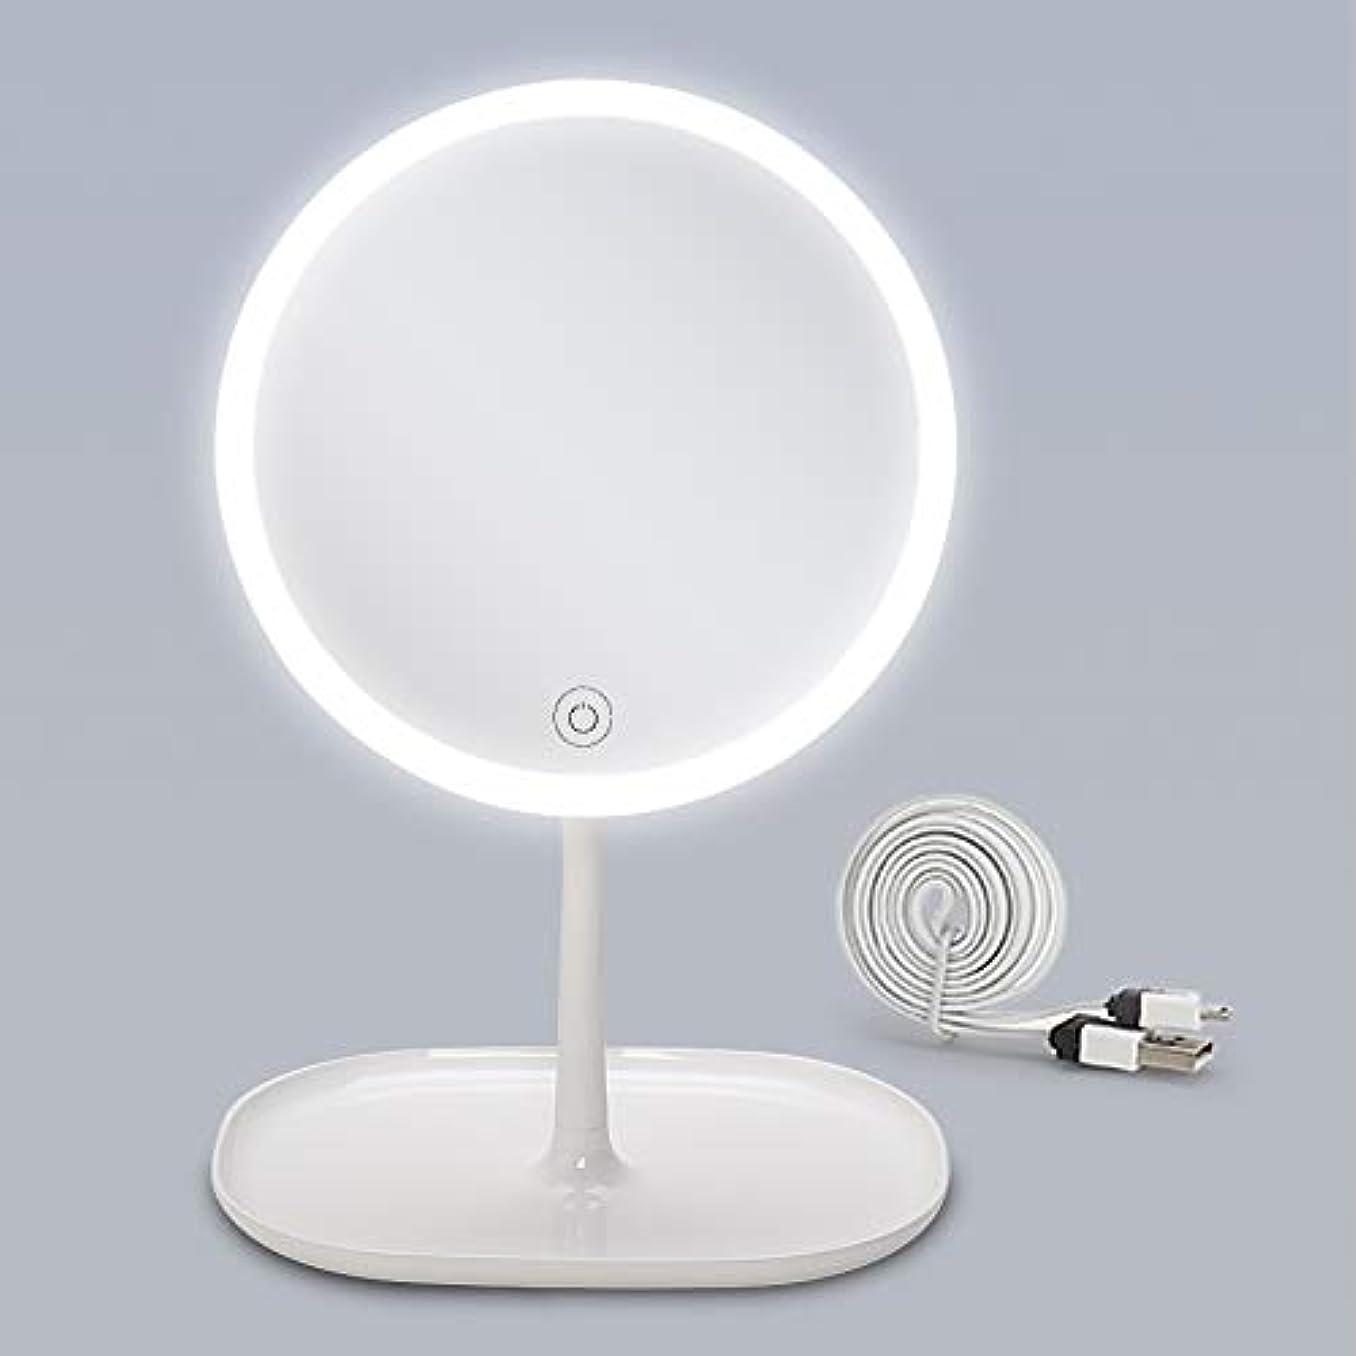 許容できるペンフレンドキー(セーディコ)Cerdeco 大きめLEDメイクアップミラー 自然な光 タッチパネルで3段階調光 便利なトレー 卓上鏡 スタンドミラー 昼光色/電球色/昼白色 USBケーブル付き 鏡面φ201mm